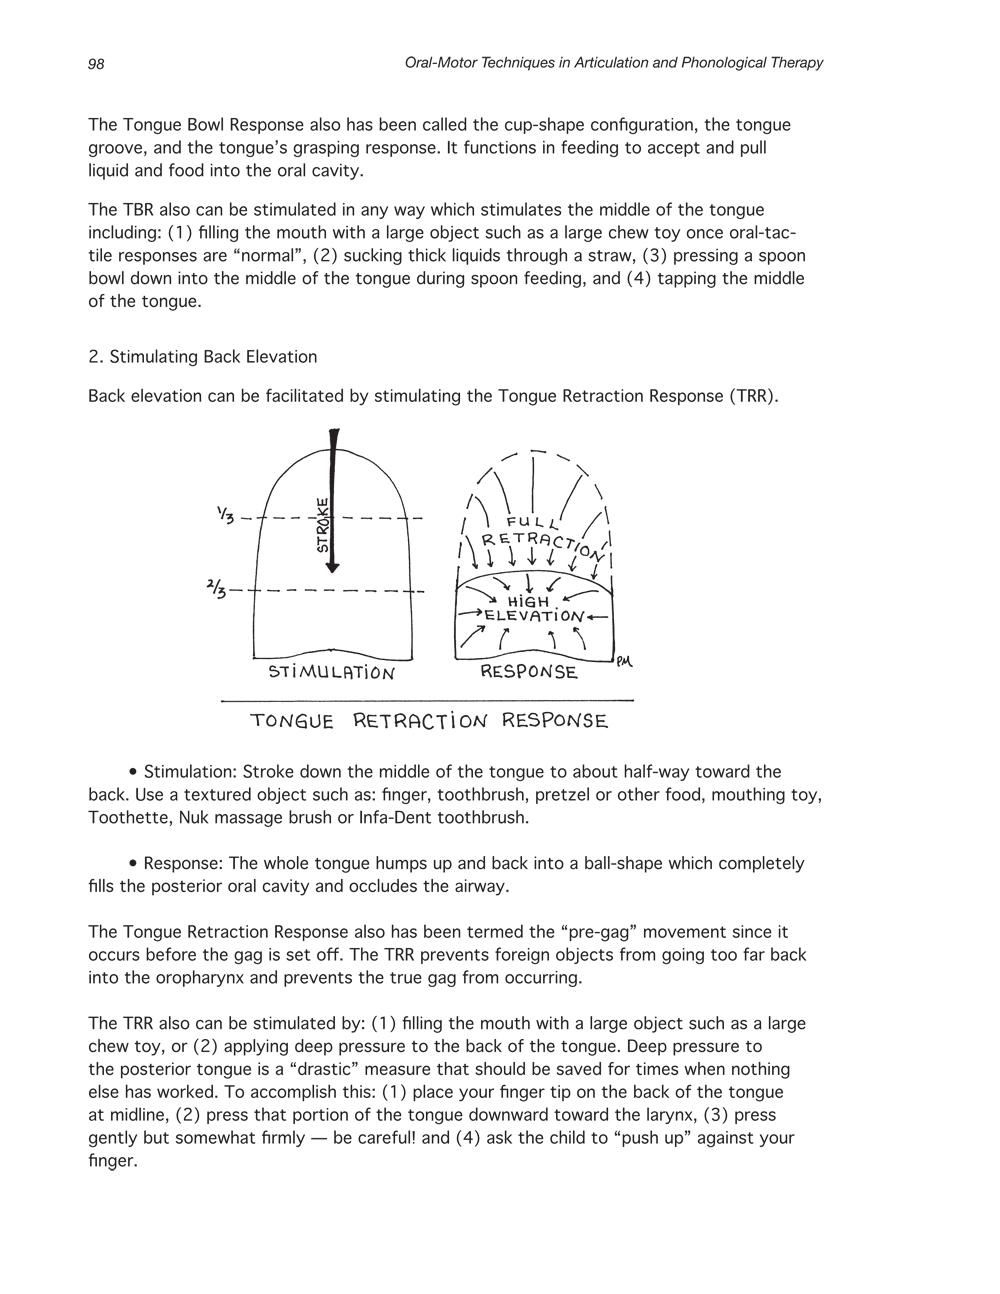 medium resolution of oral motor diagrams